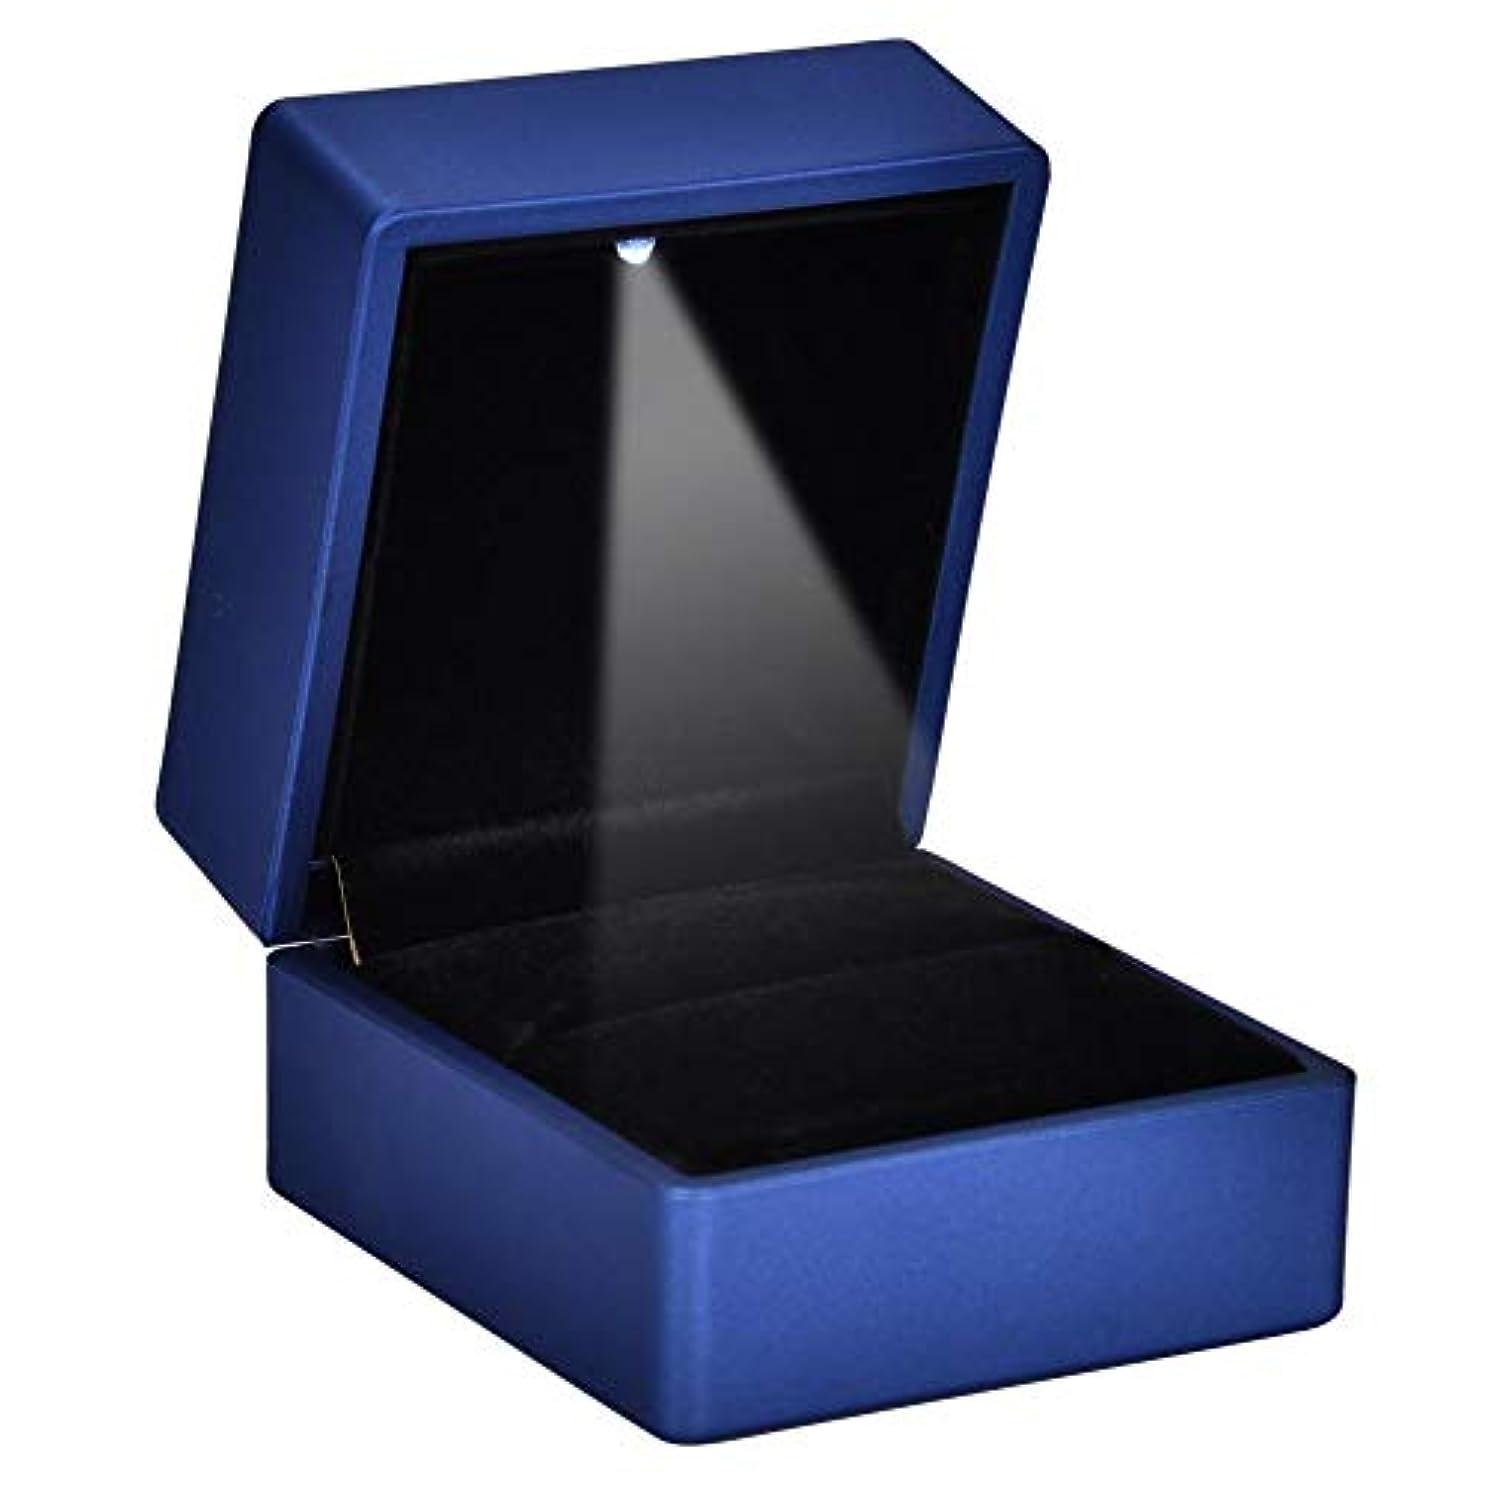 2種類ファッショナブルなLEDリングボックス - 内部LED照明付きリングケース、ジュエリーホルダーリング収納ケース、結婚式の提案(ブルー-90 * 70 * 35)